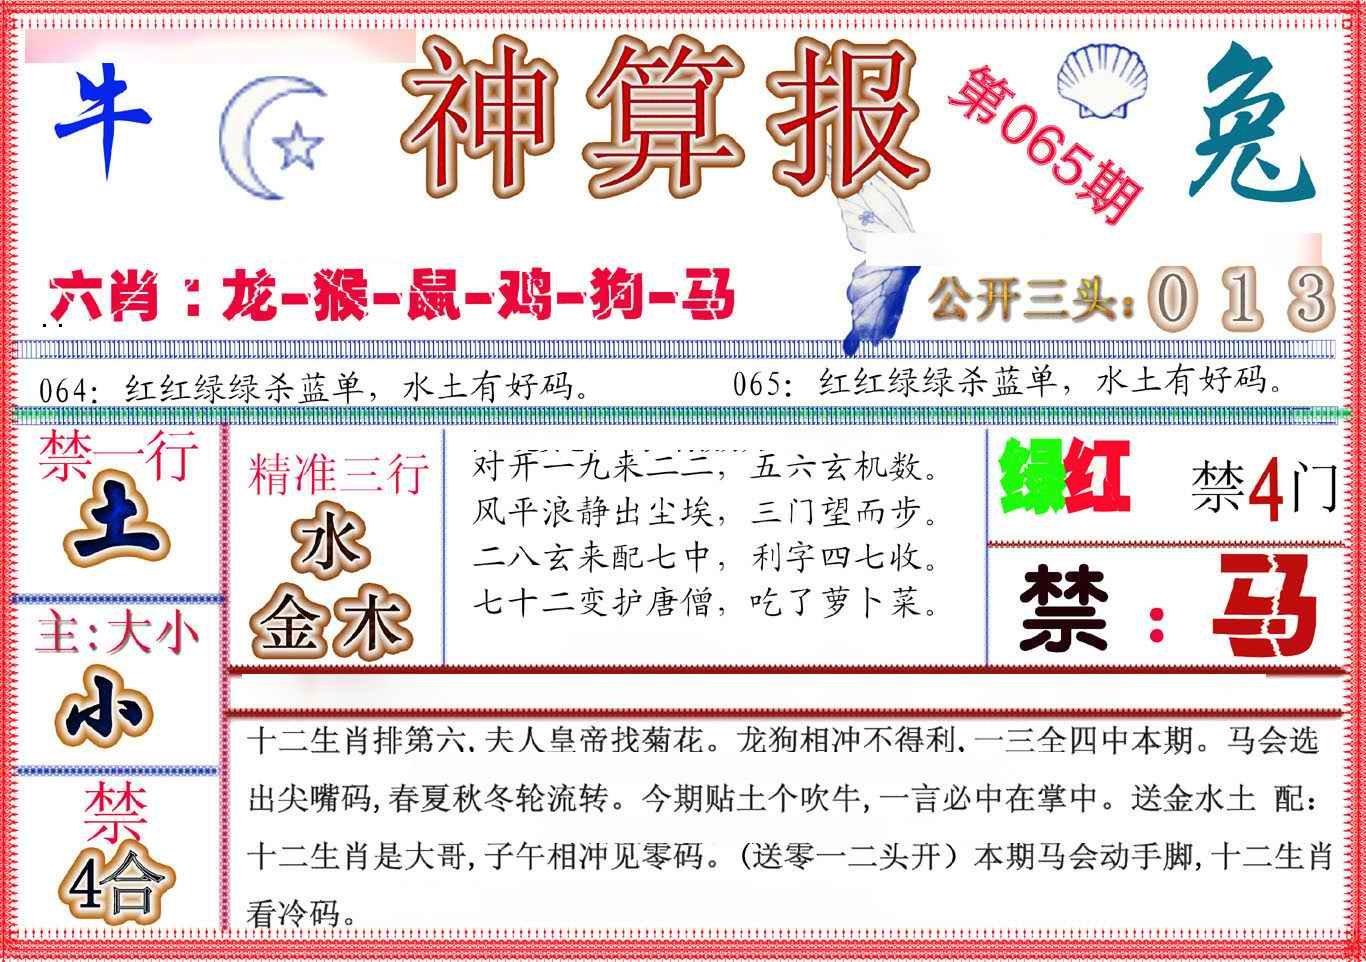 065期神算报(新版)